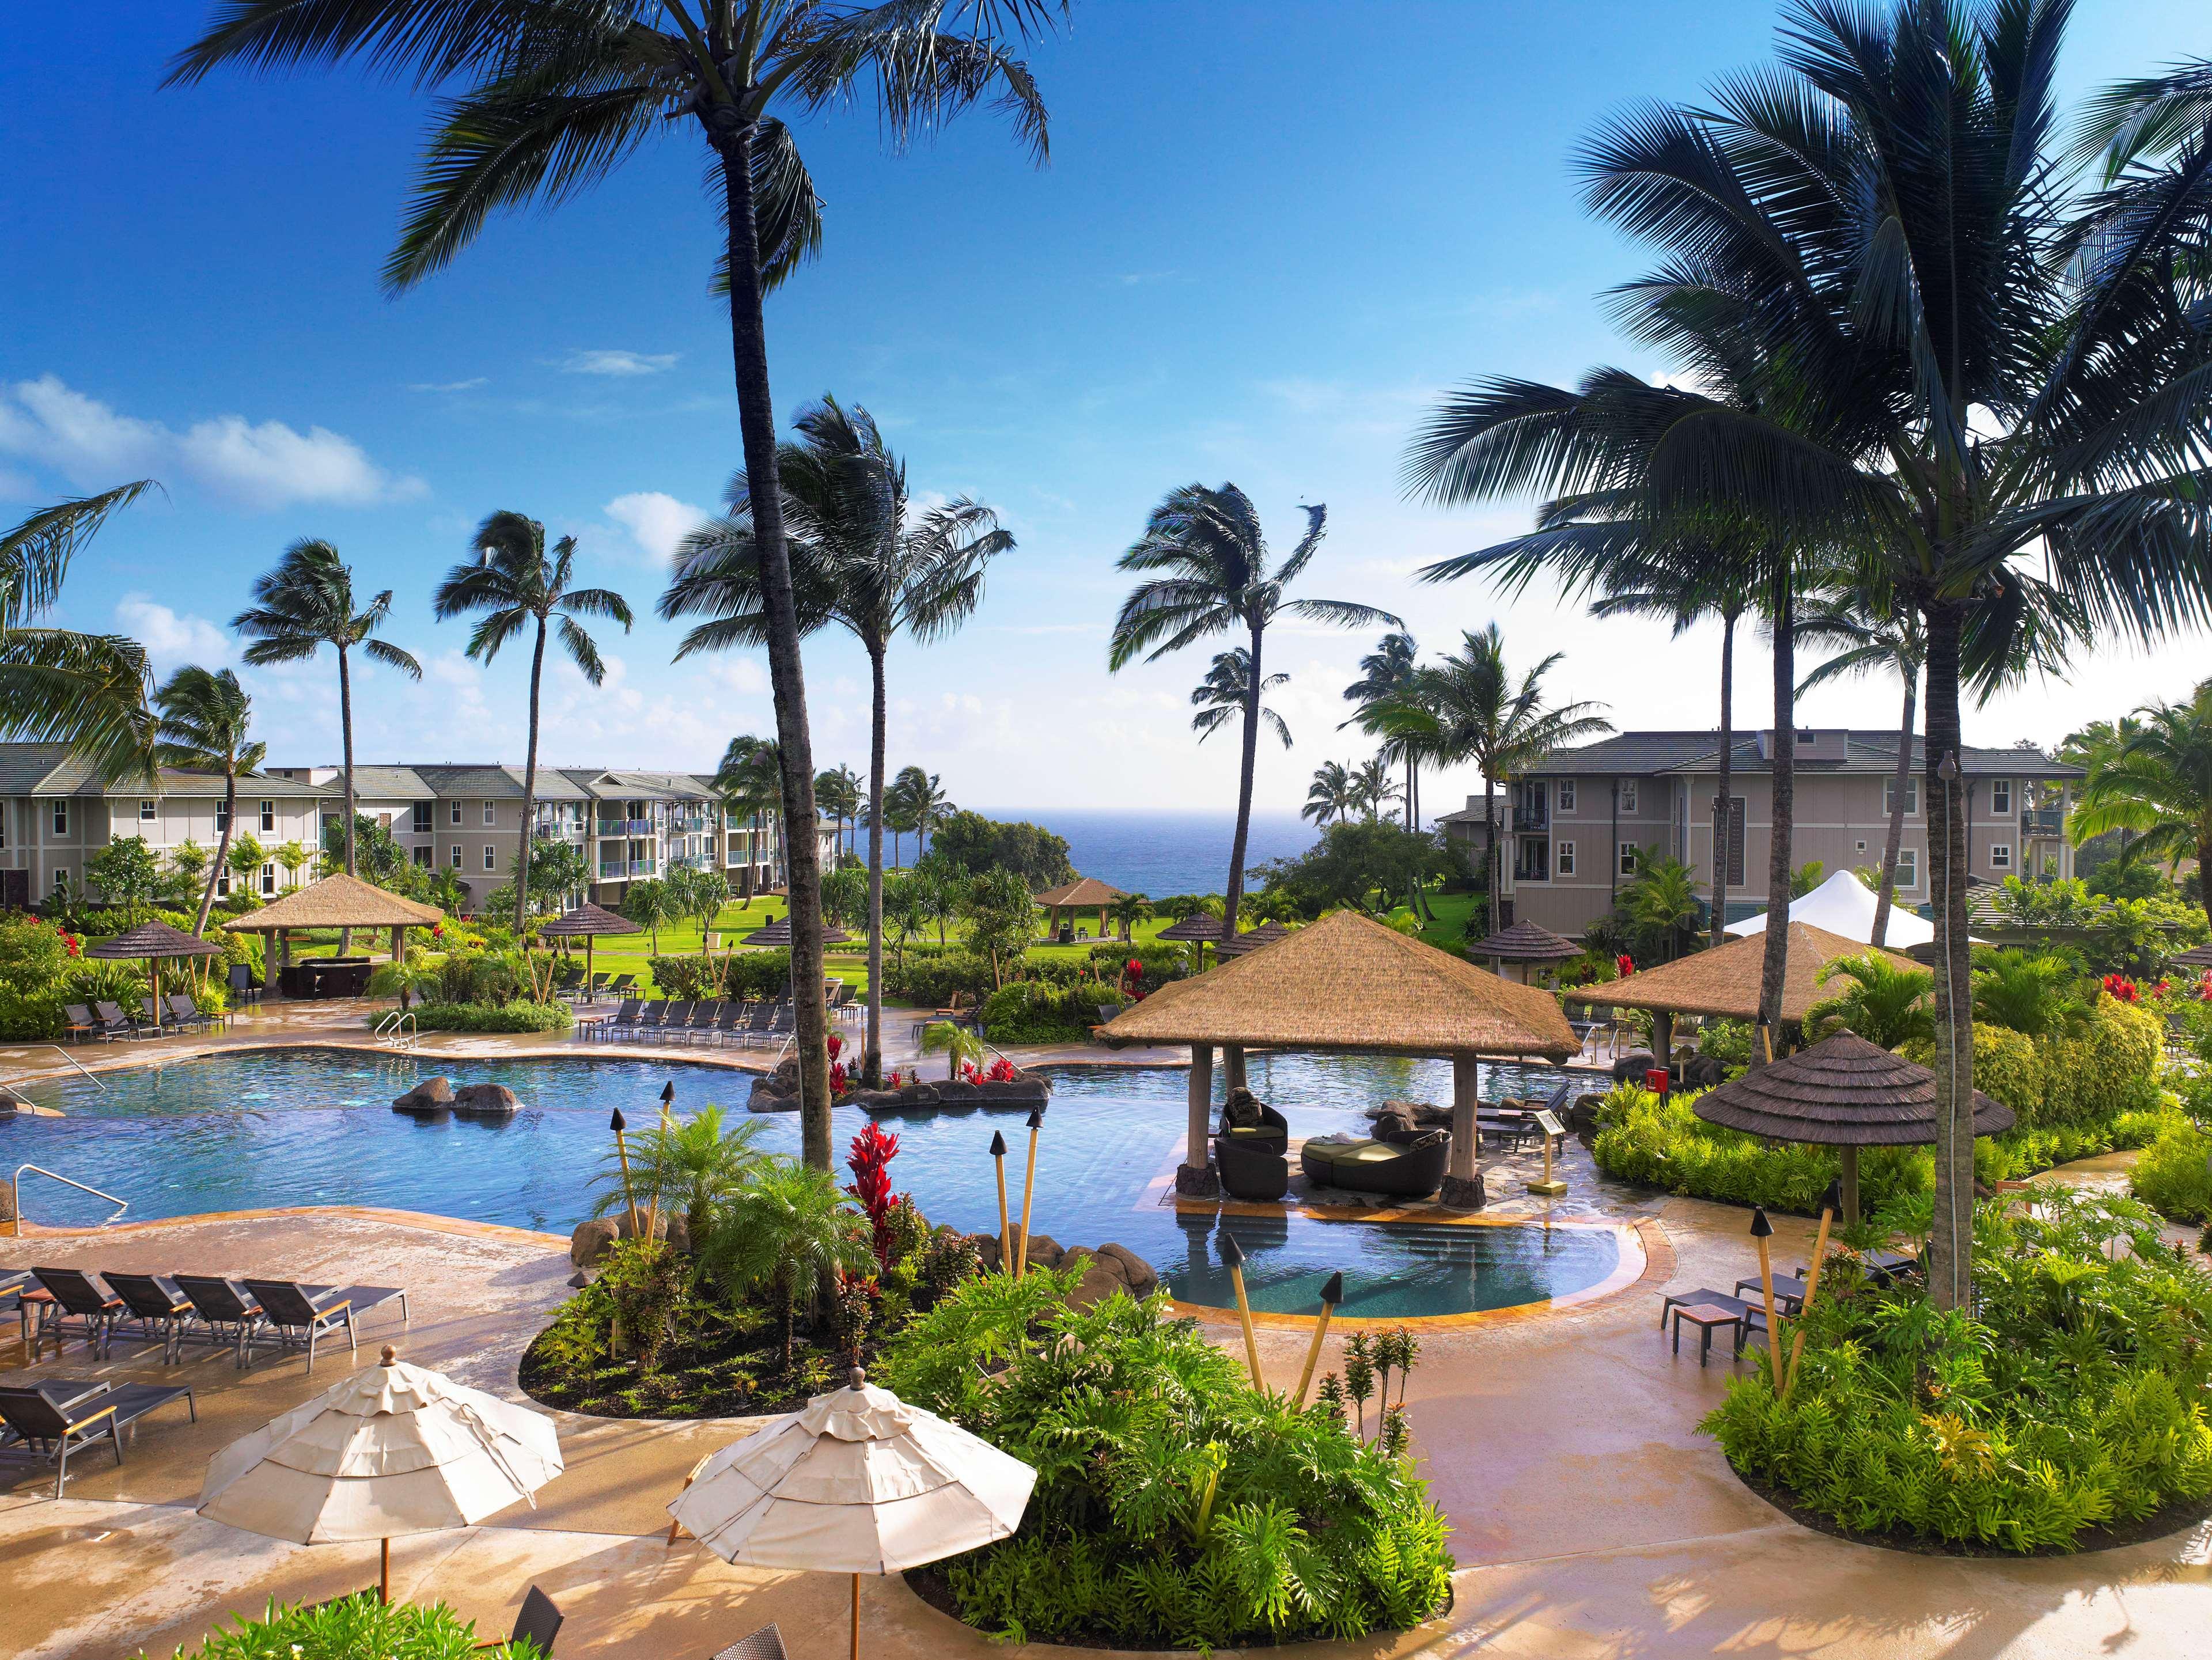 The Westin Princeville Ocean Resort Villas image 17